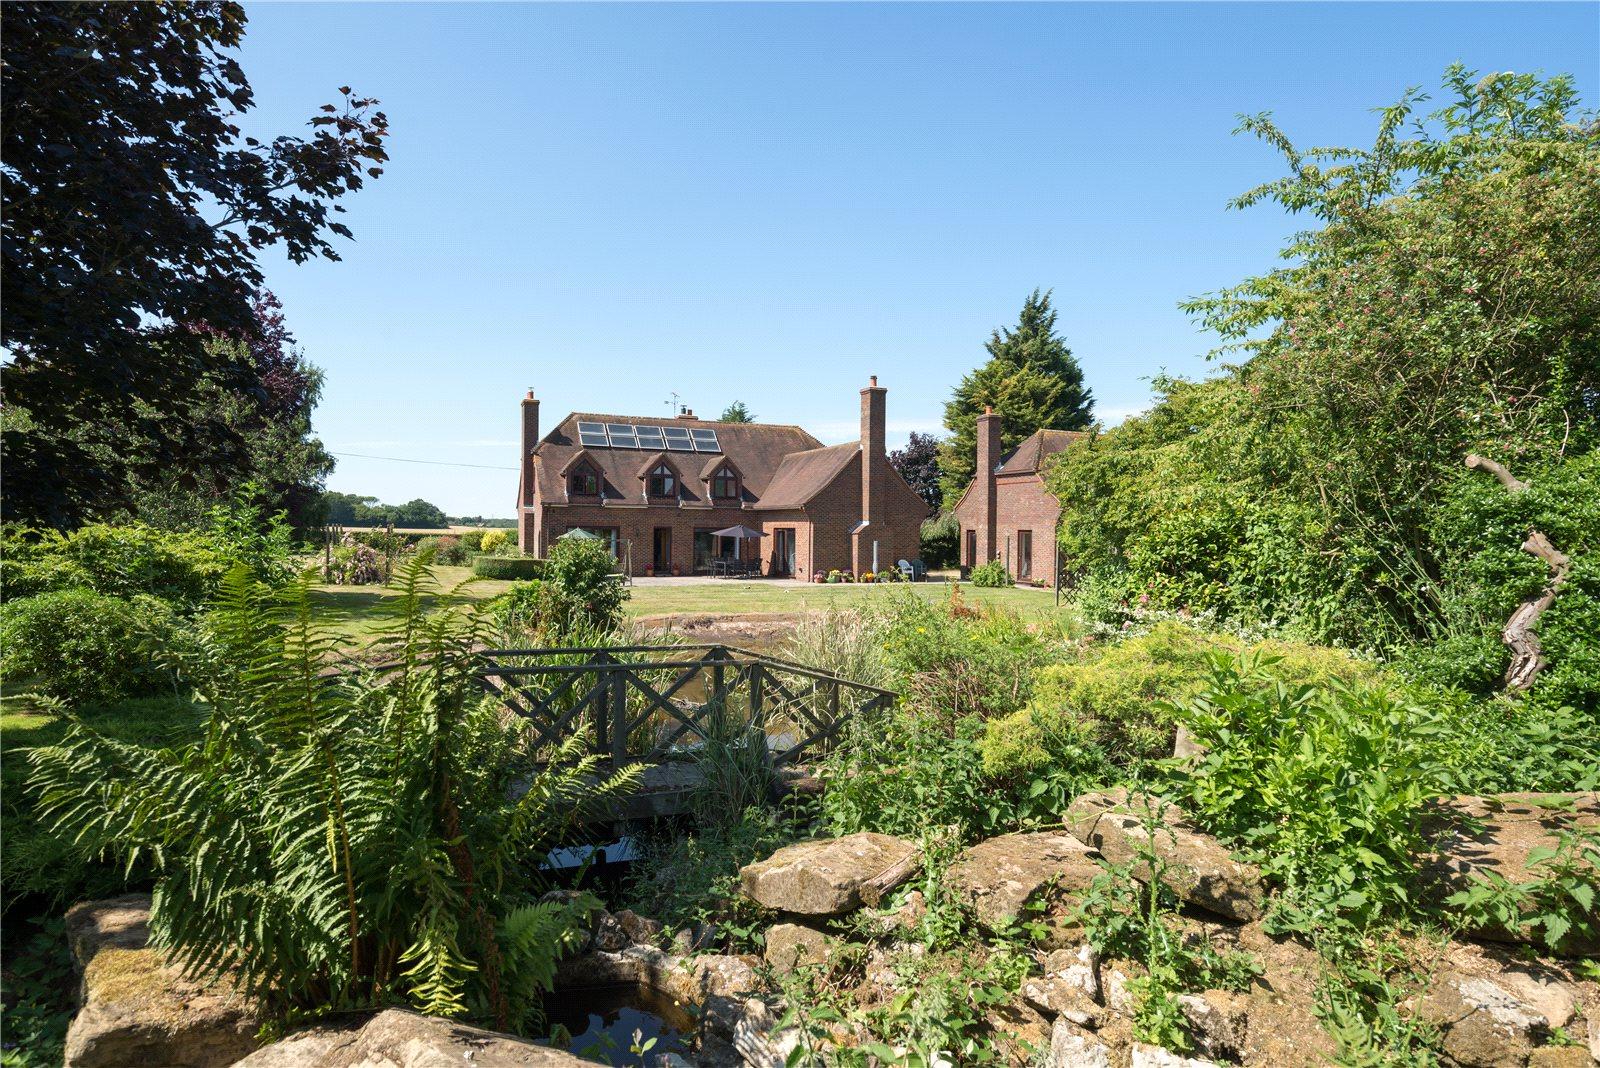 Maison unifamiliale pour l Vente à Seed Road, Doddington, Sittingbourne, Kent, ME9 Sittingbourne, Angleterre